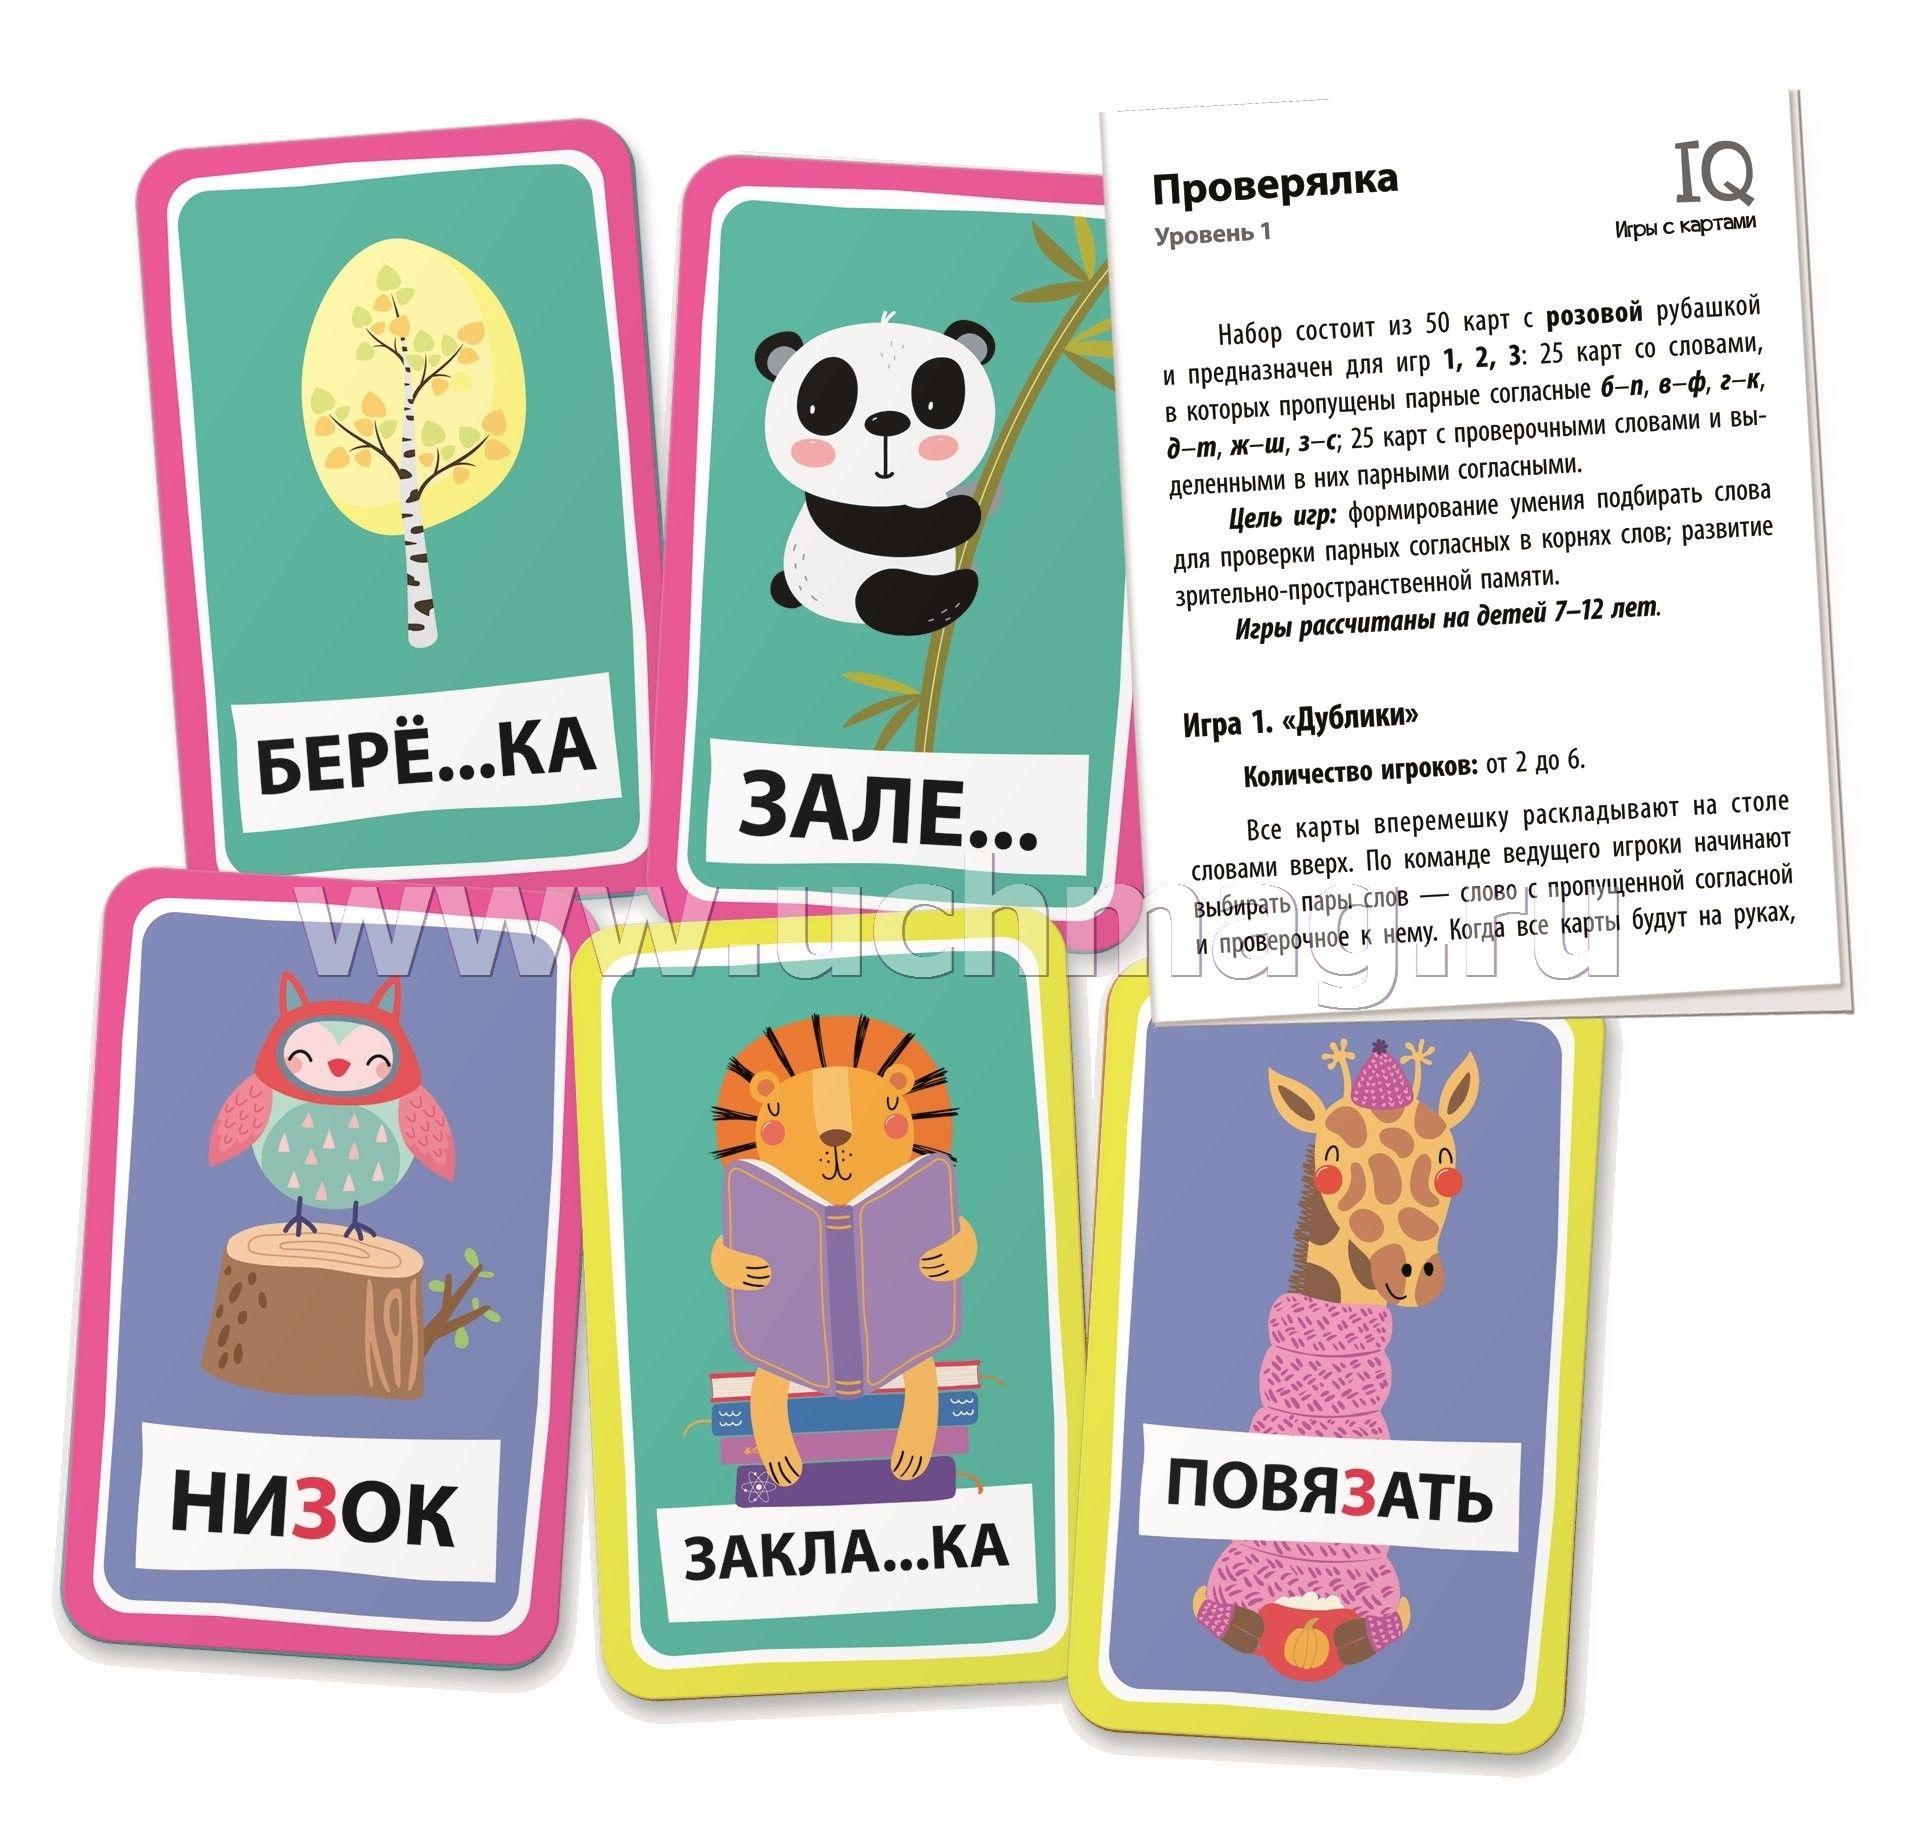 Играть в карты для девочек 7 лет игровые автоматы можно ли играть на деньги без регистрации